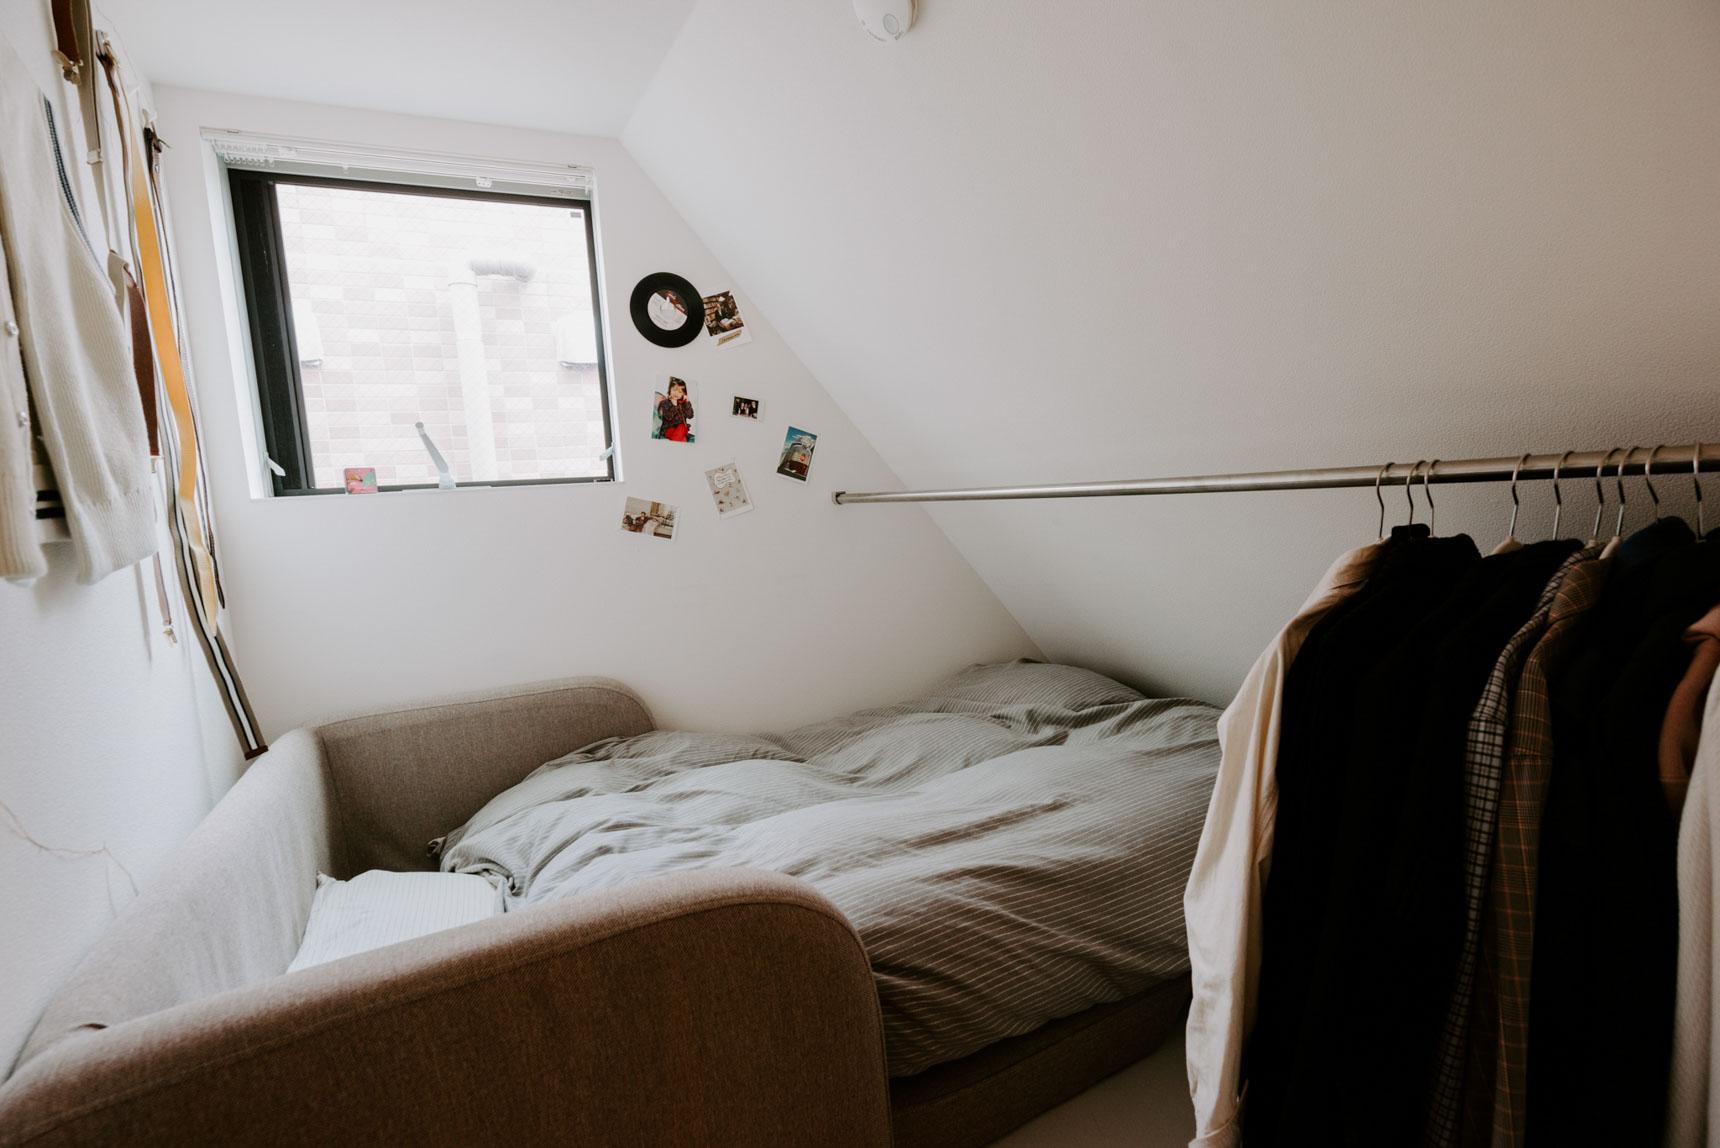 夜寝るときはこんな風にベッドに変身します。ネットでこの場所にぴったりのサイズのものを探しました。